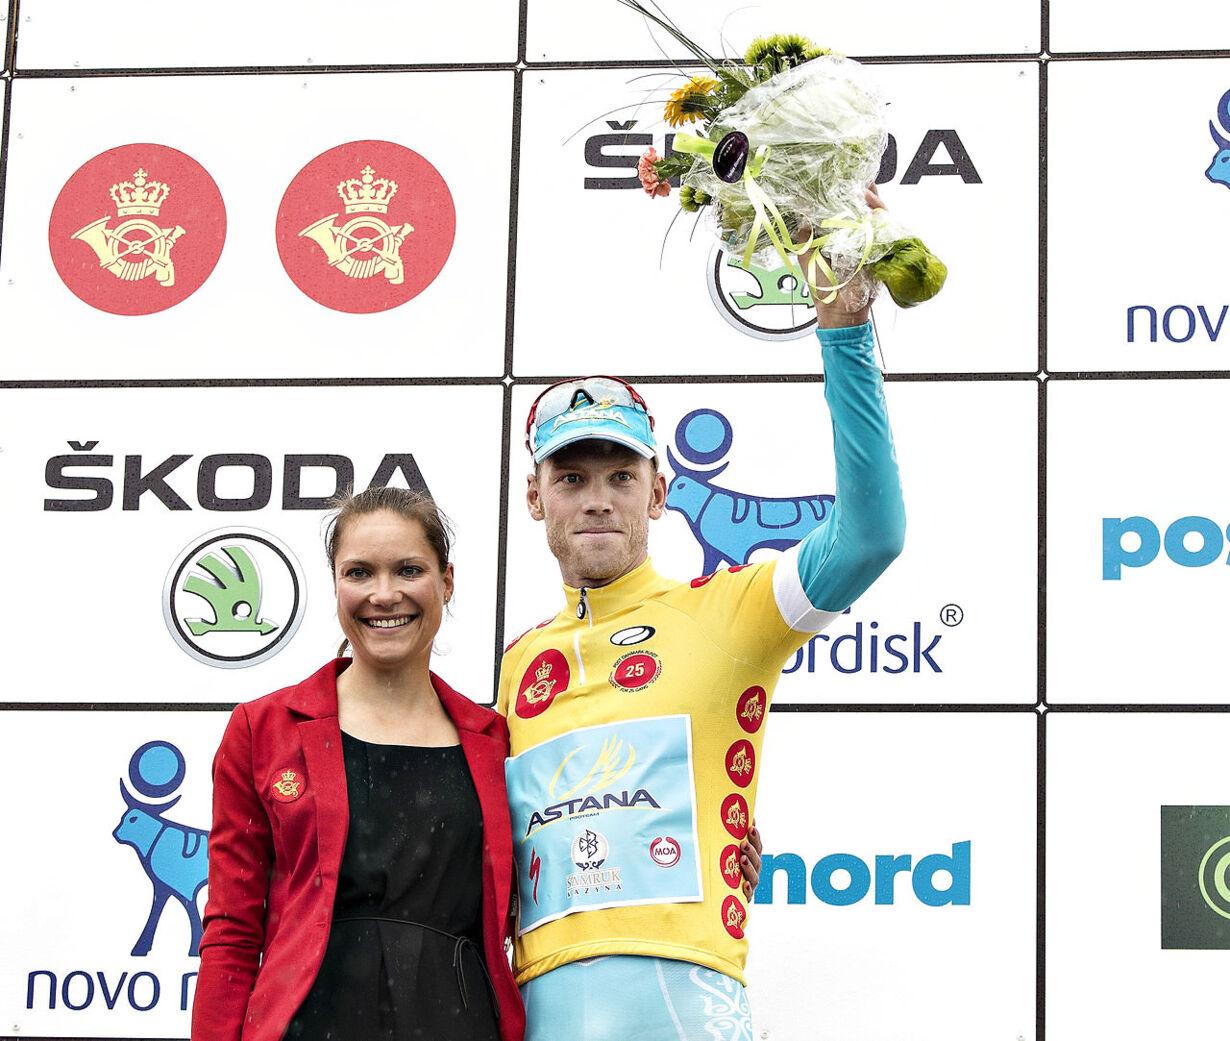 Cykling Danmark